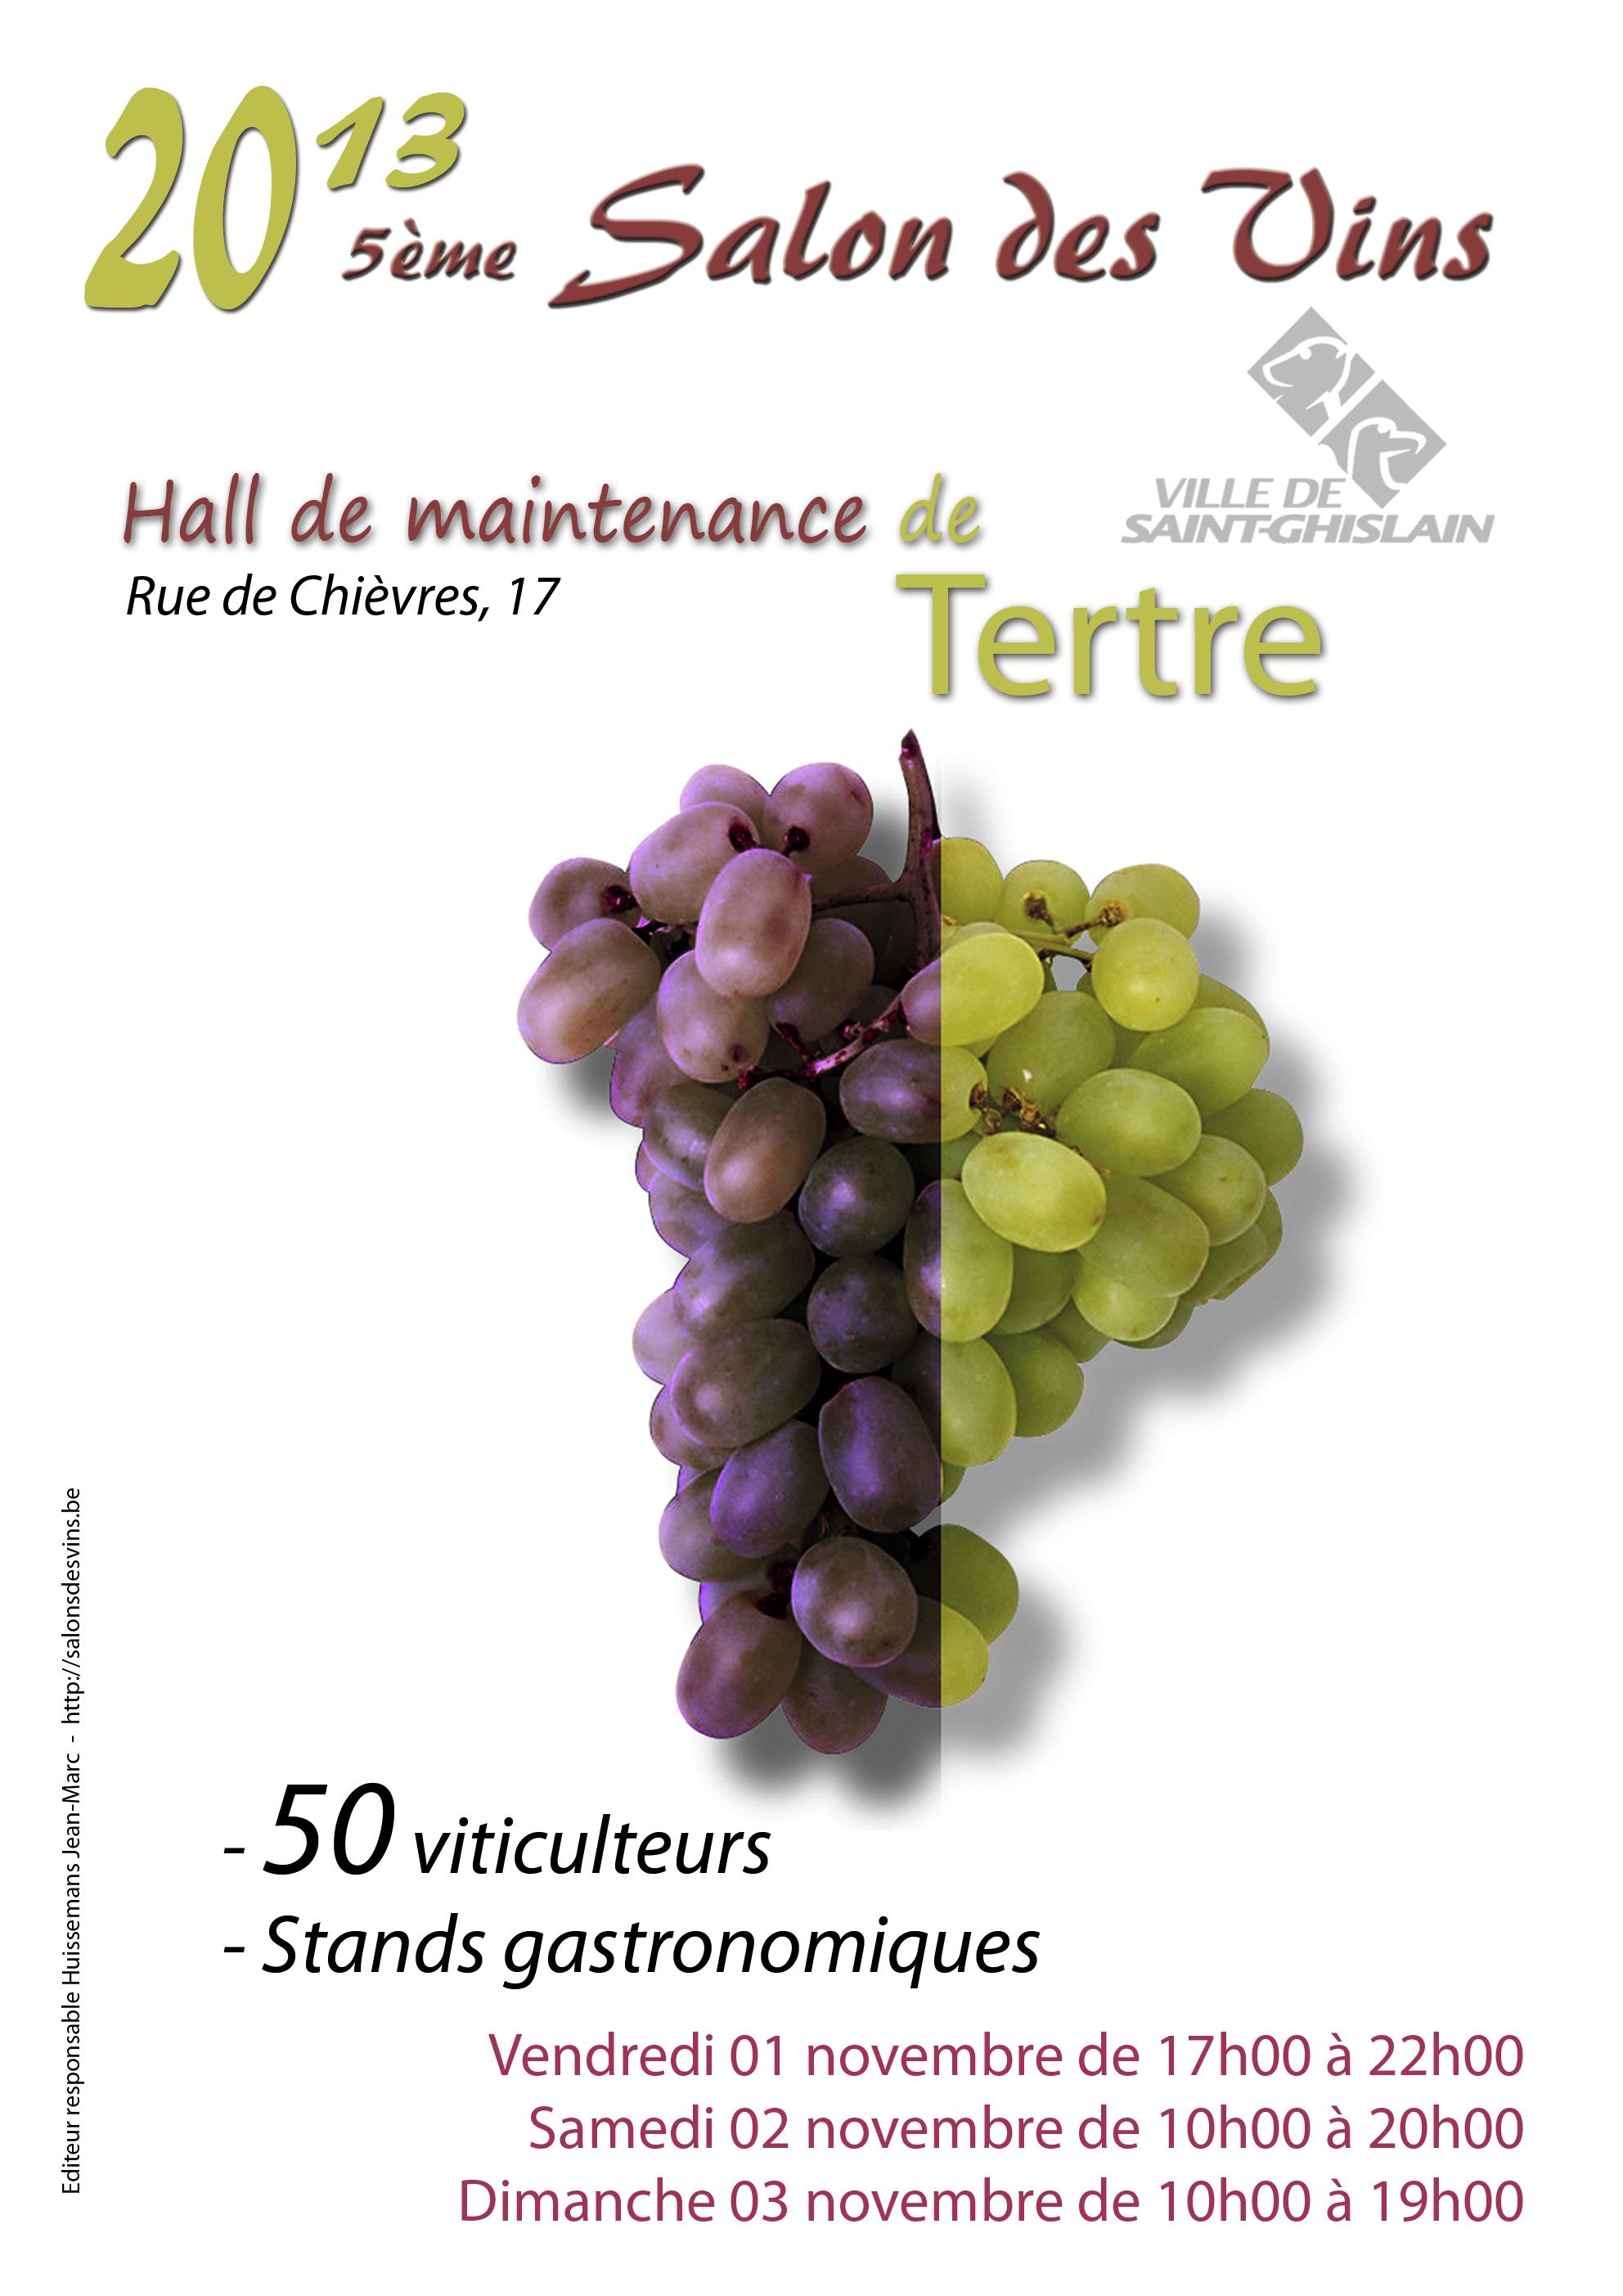 Le calendrier des salons des vins for Calendrier salon des vins